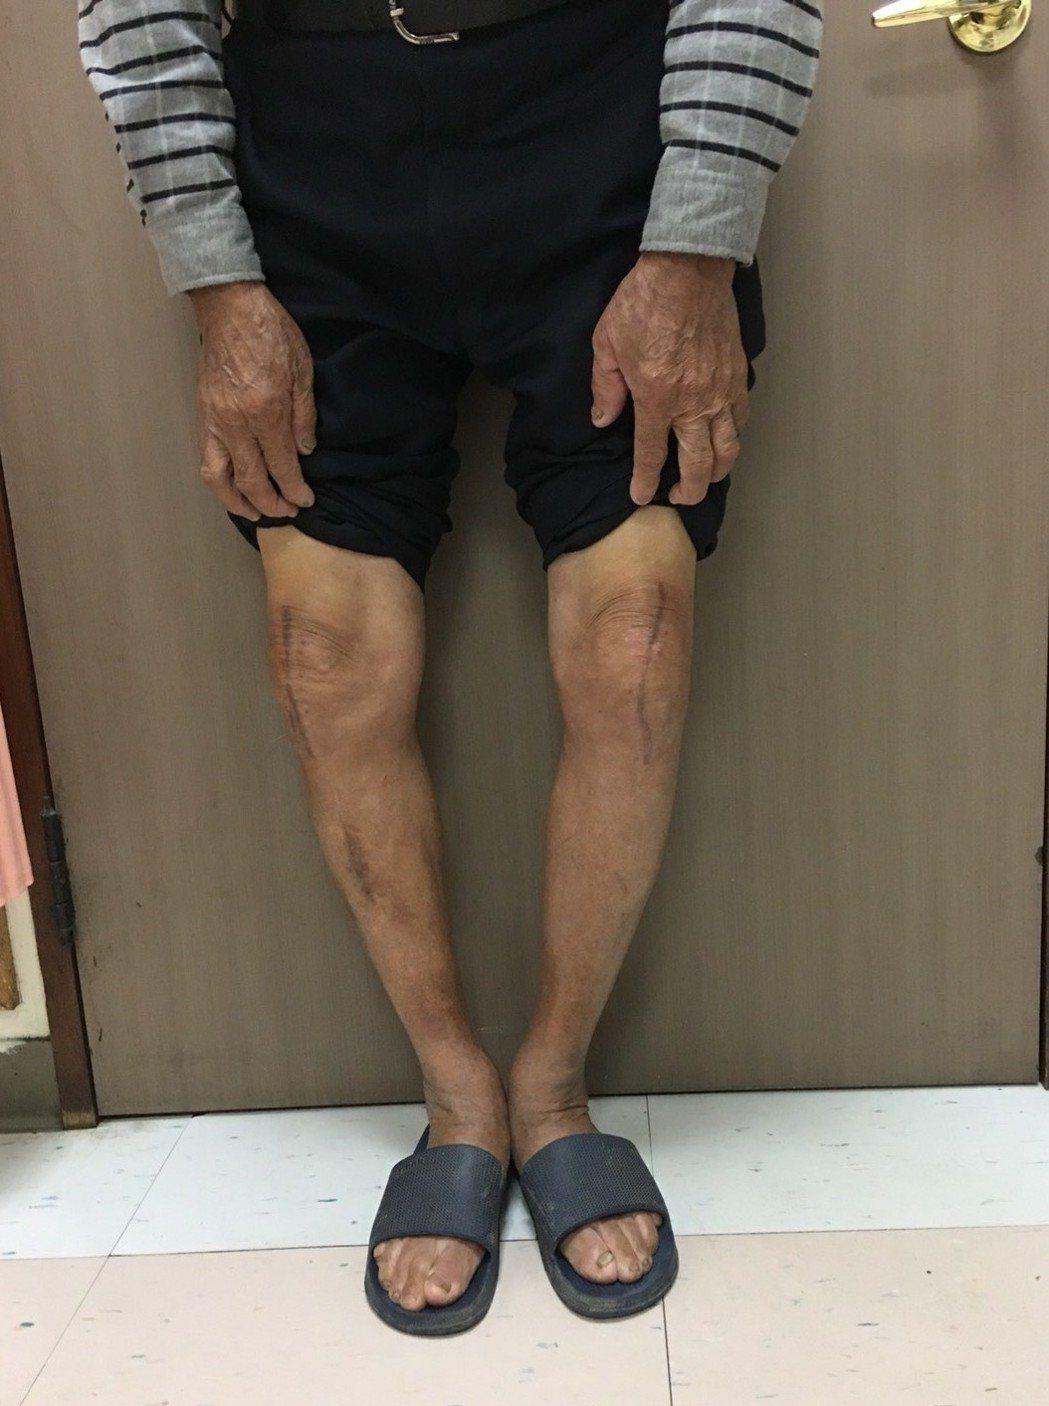 老翁經兩側人工膝關節置換手術,大幅改善膝蓋關節變形的狀況。圖/大千綜合醫院提供